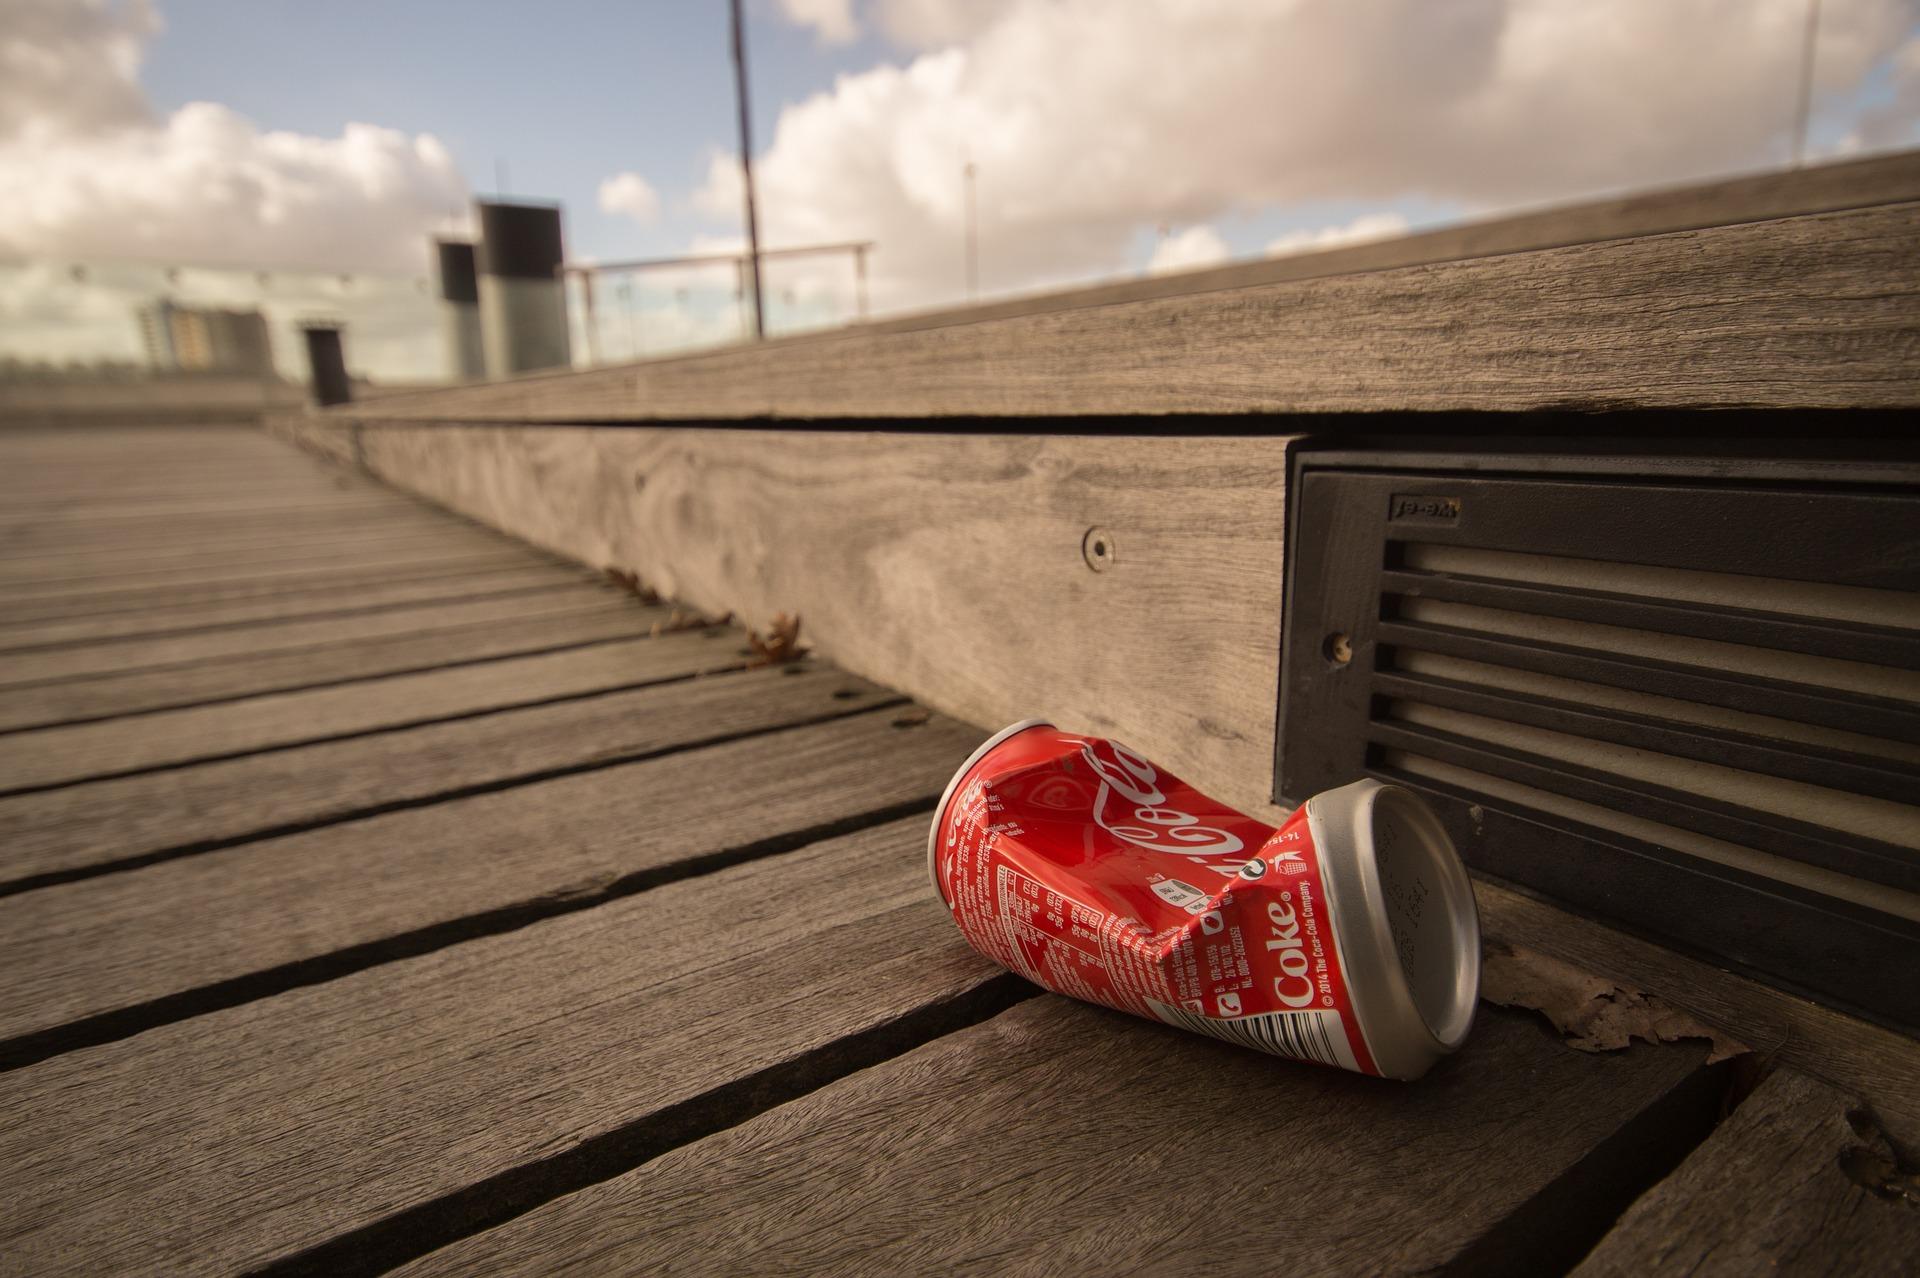 Quels avantages as-t-on grâce au recyclage ?